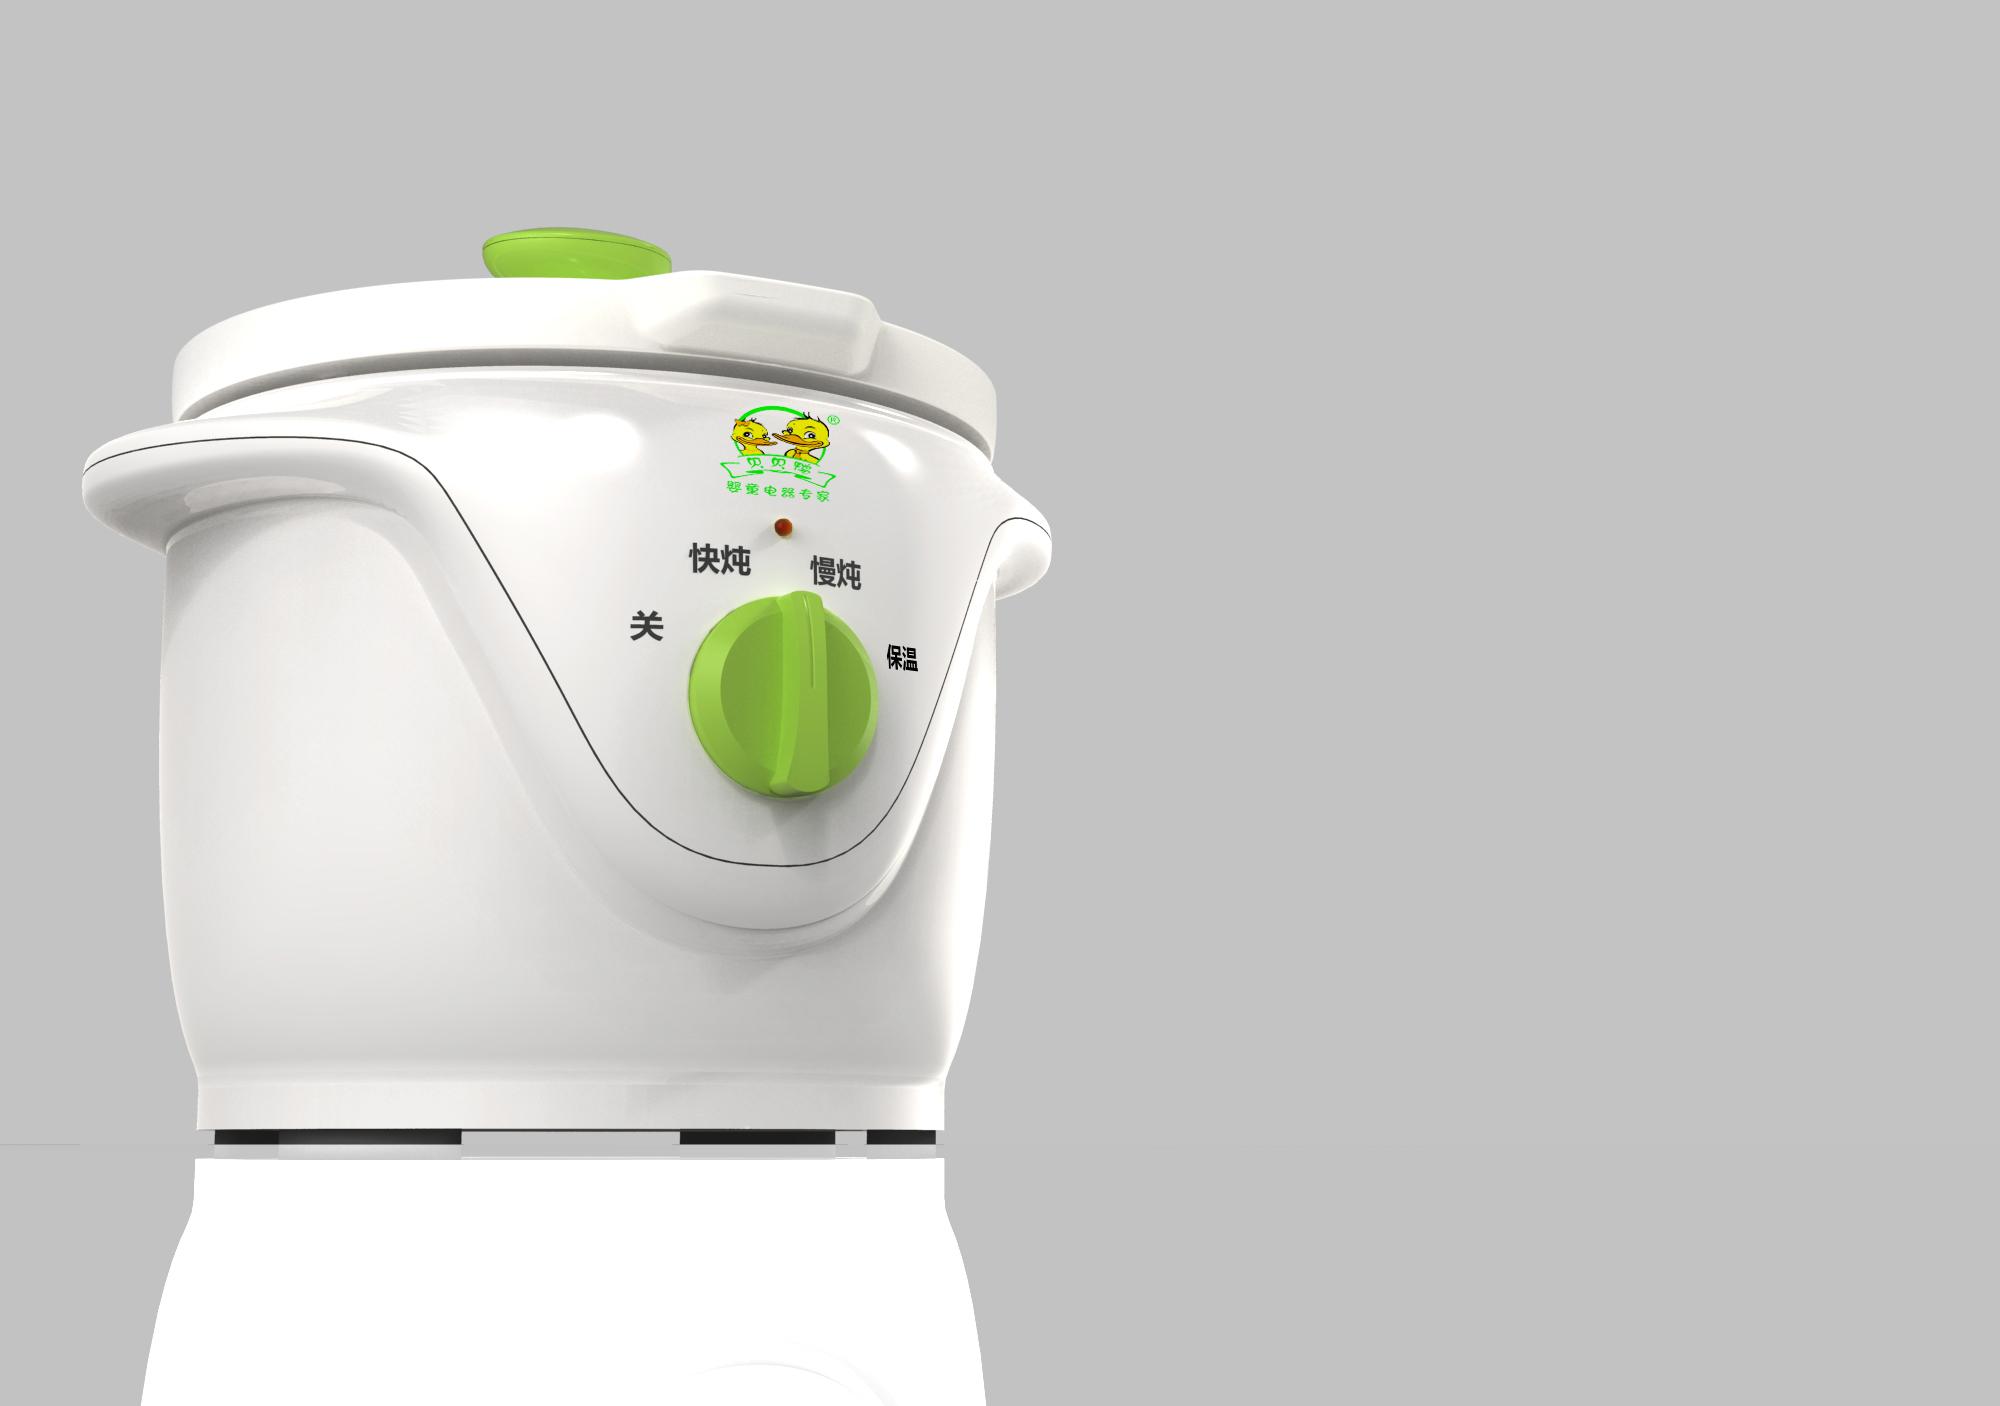 儿童煲粥锅_产品设计-来设计